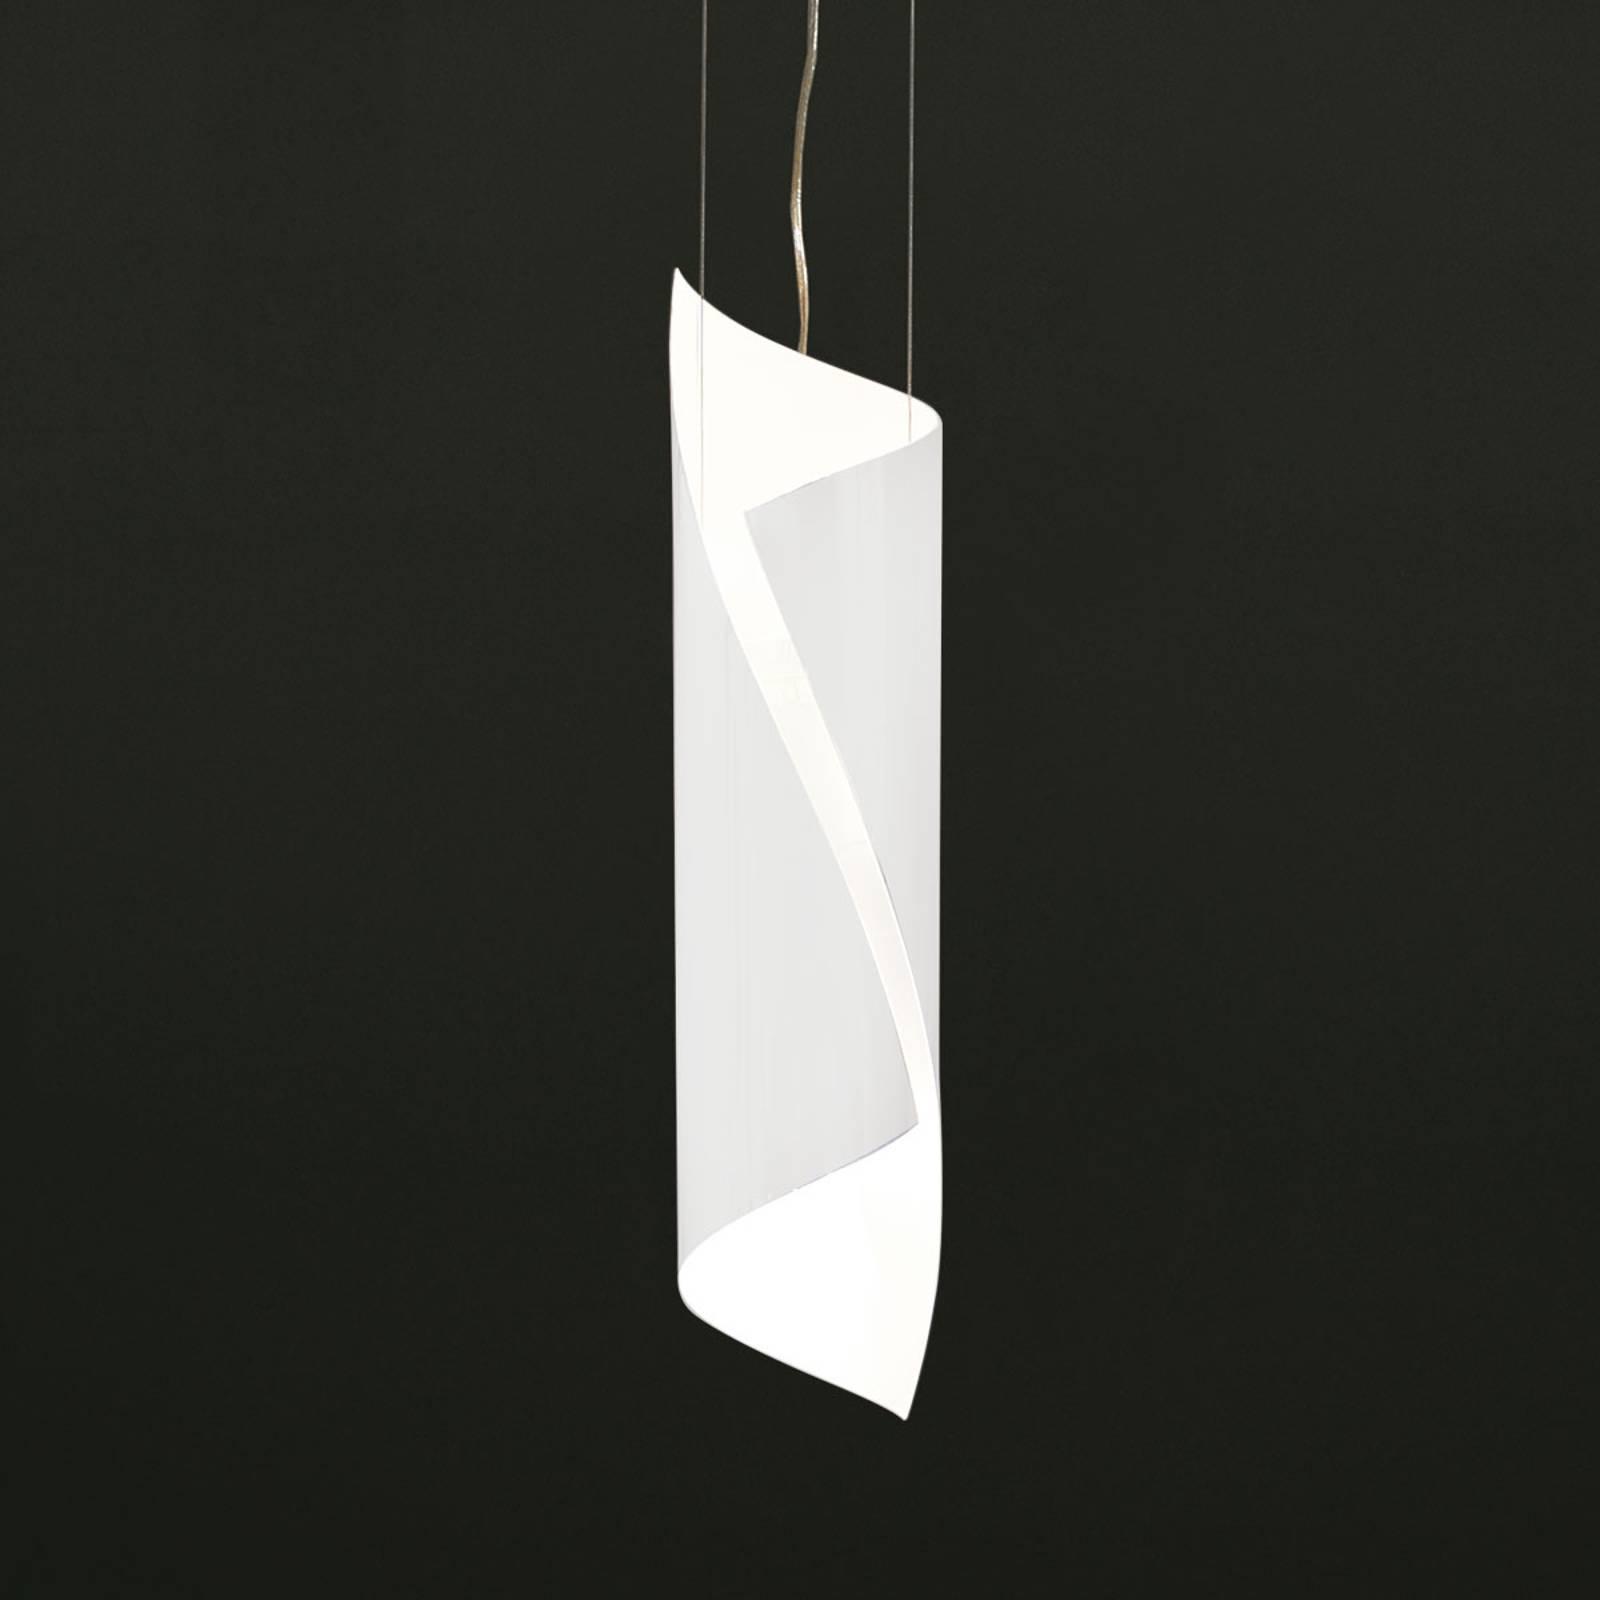 Knikerboker Hué - petite suspension LED tournée